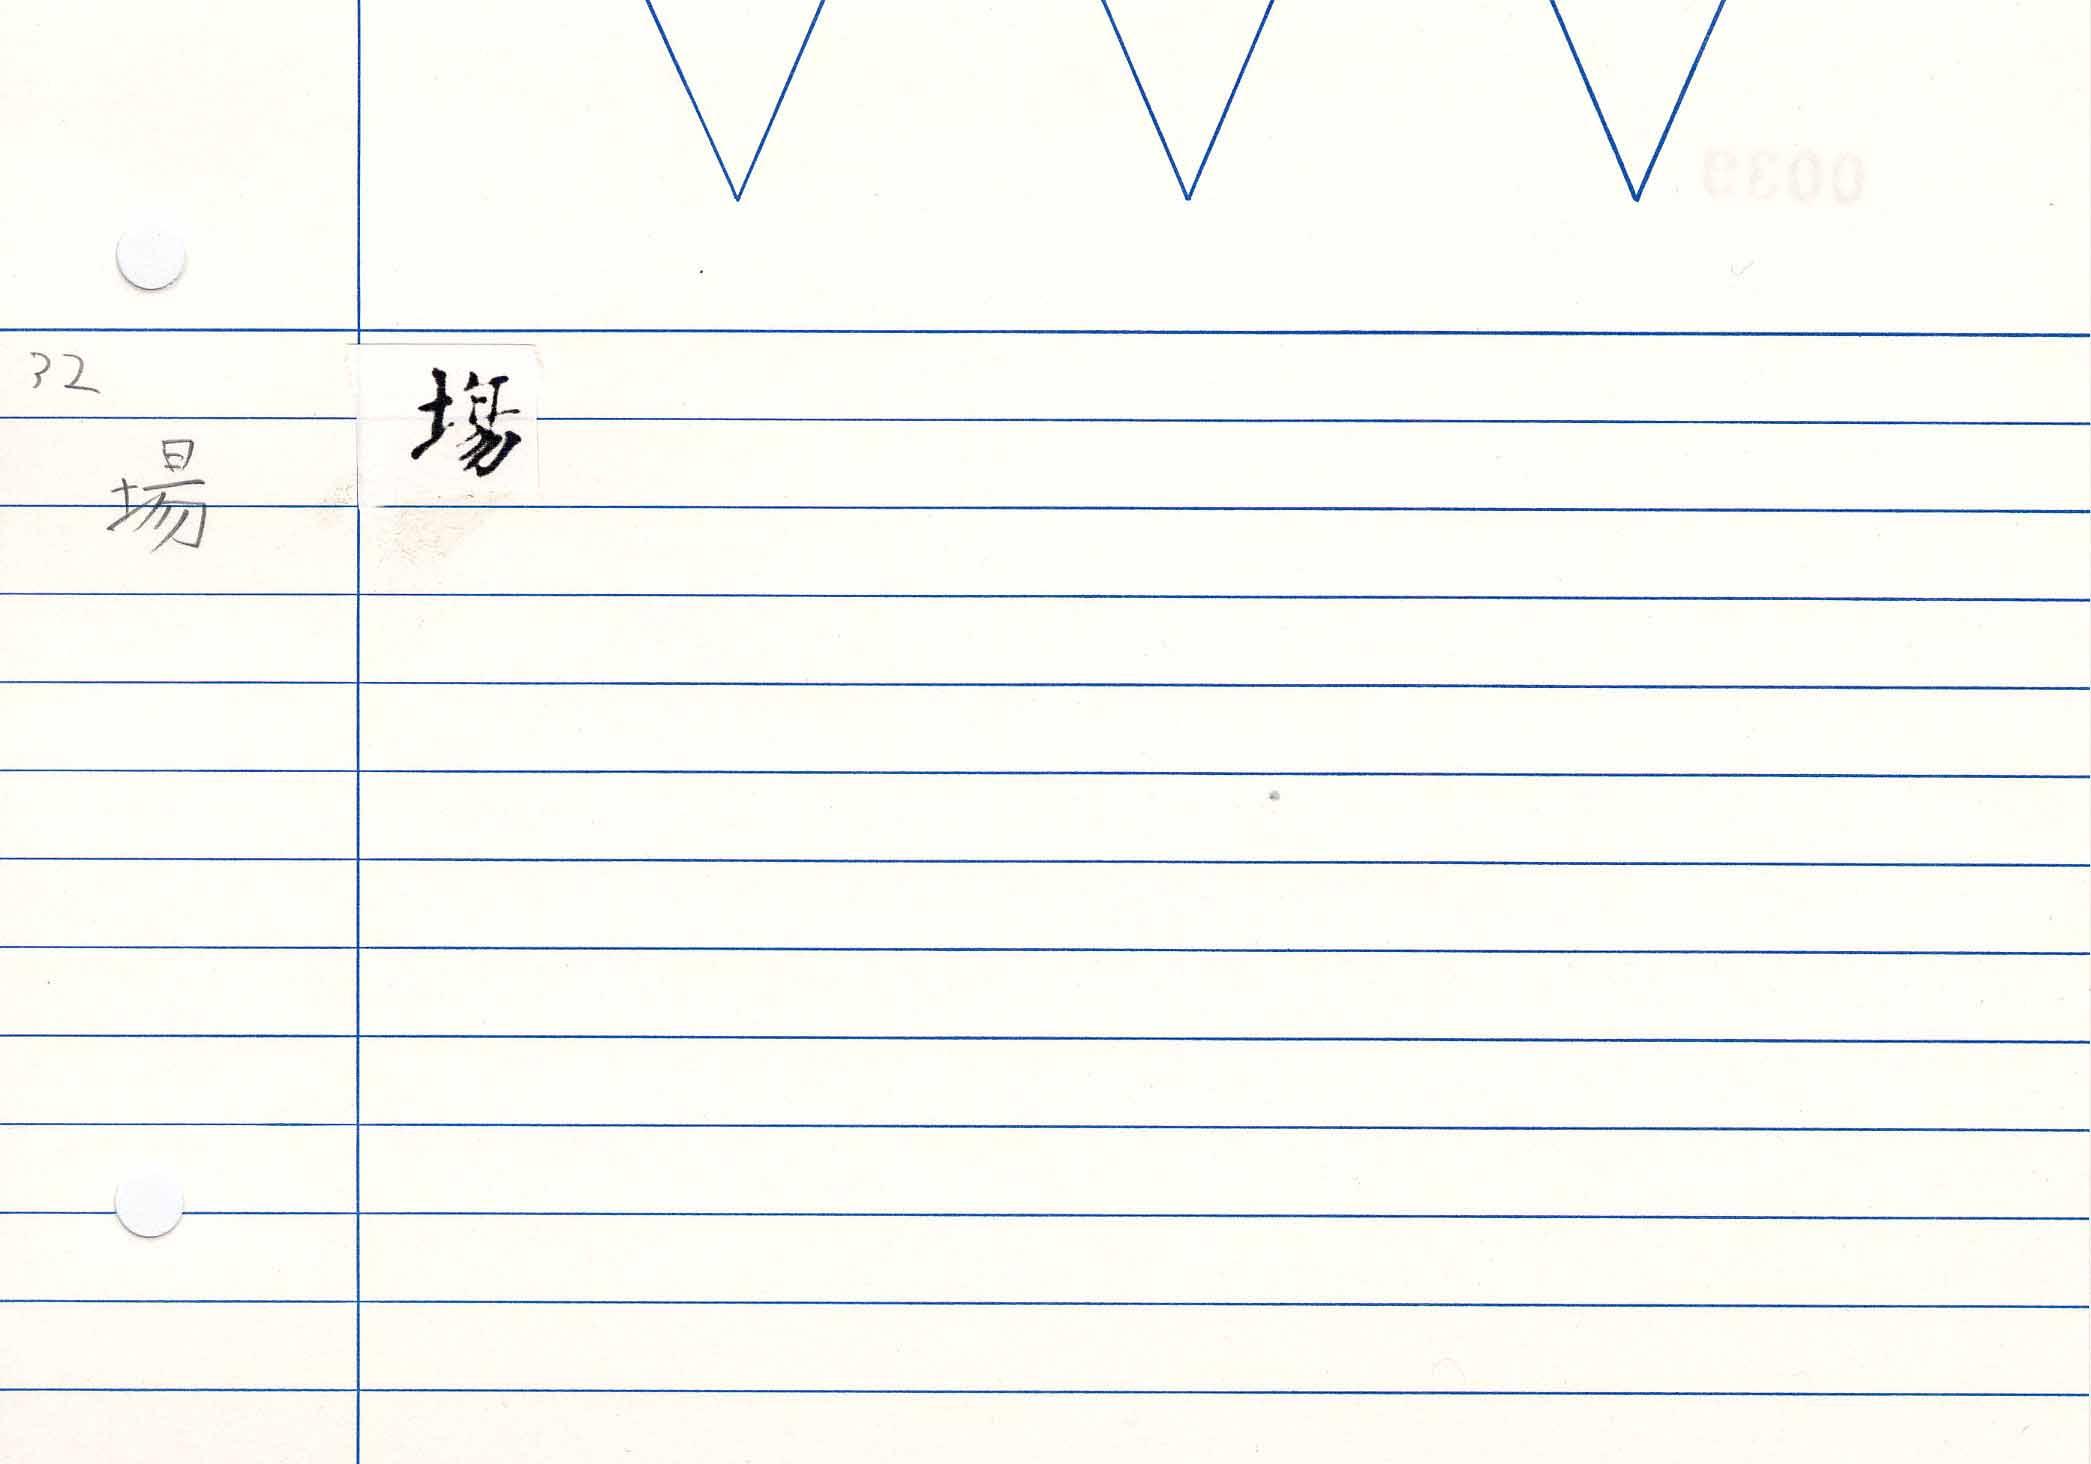 13_妙法蓮華經卷八(S.2577)/cards/0039.jpg